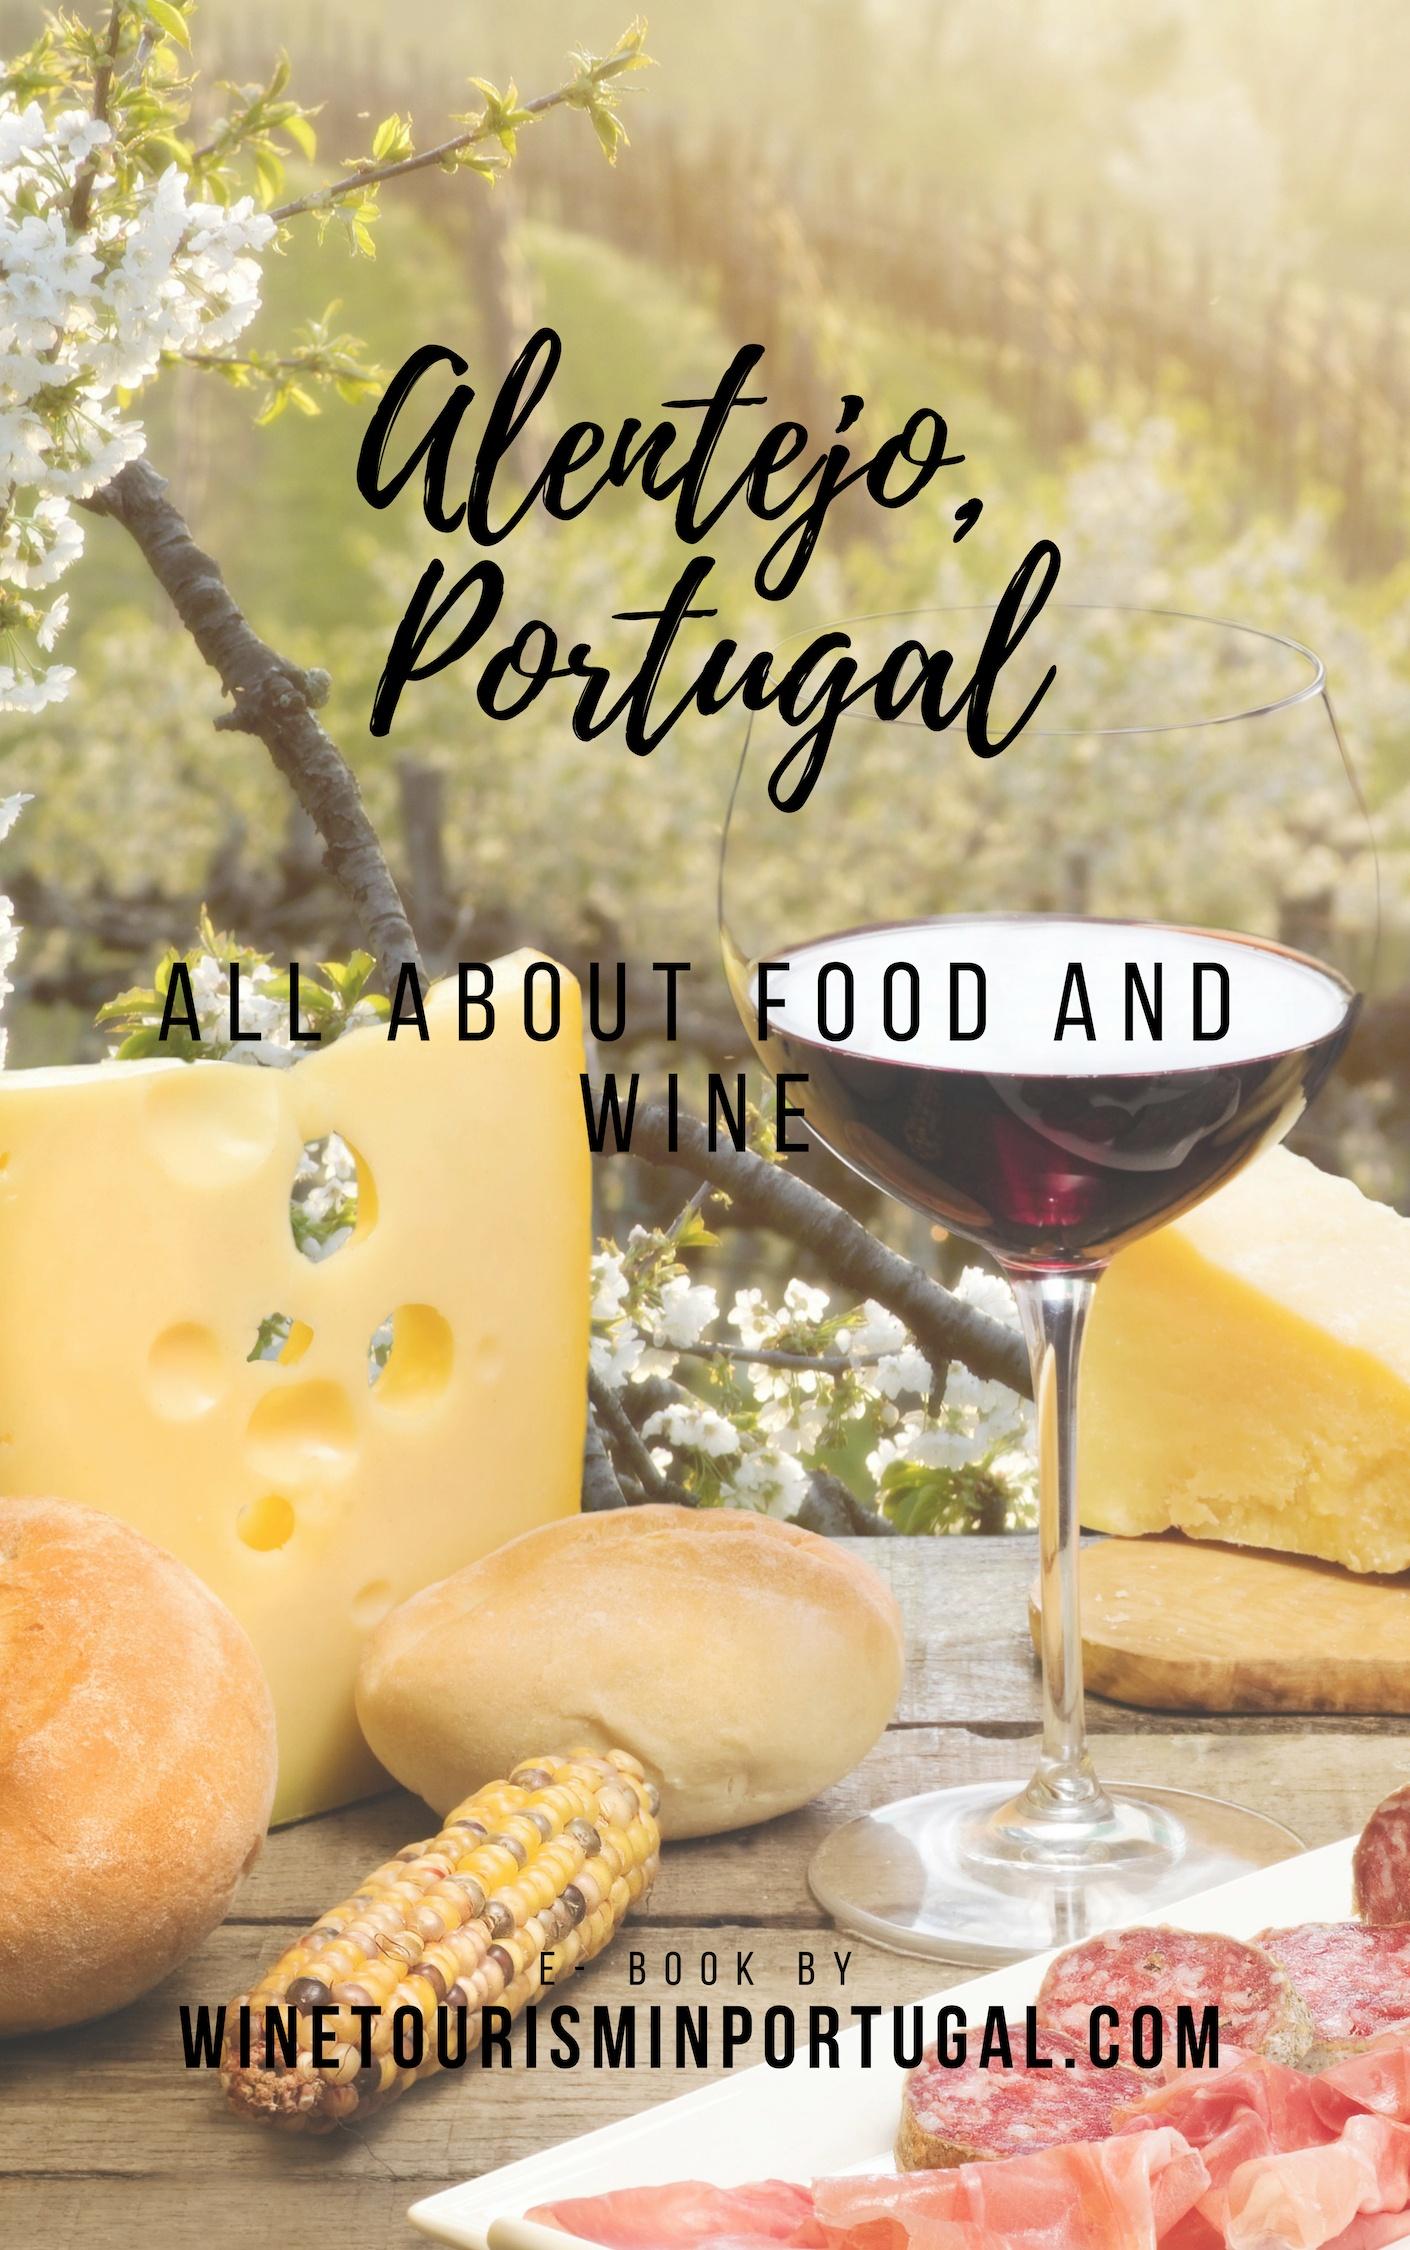 E-book Alentejo Food and Wine